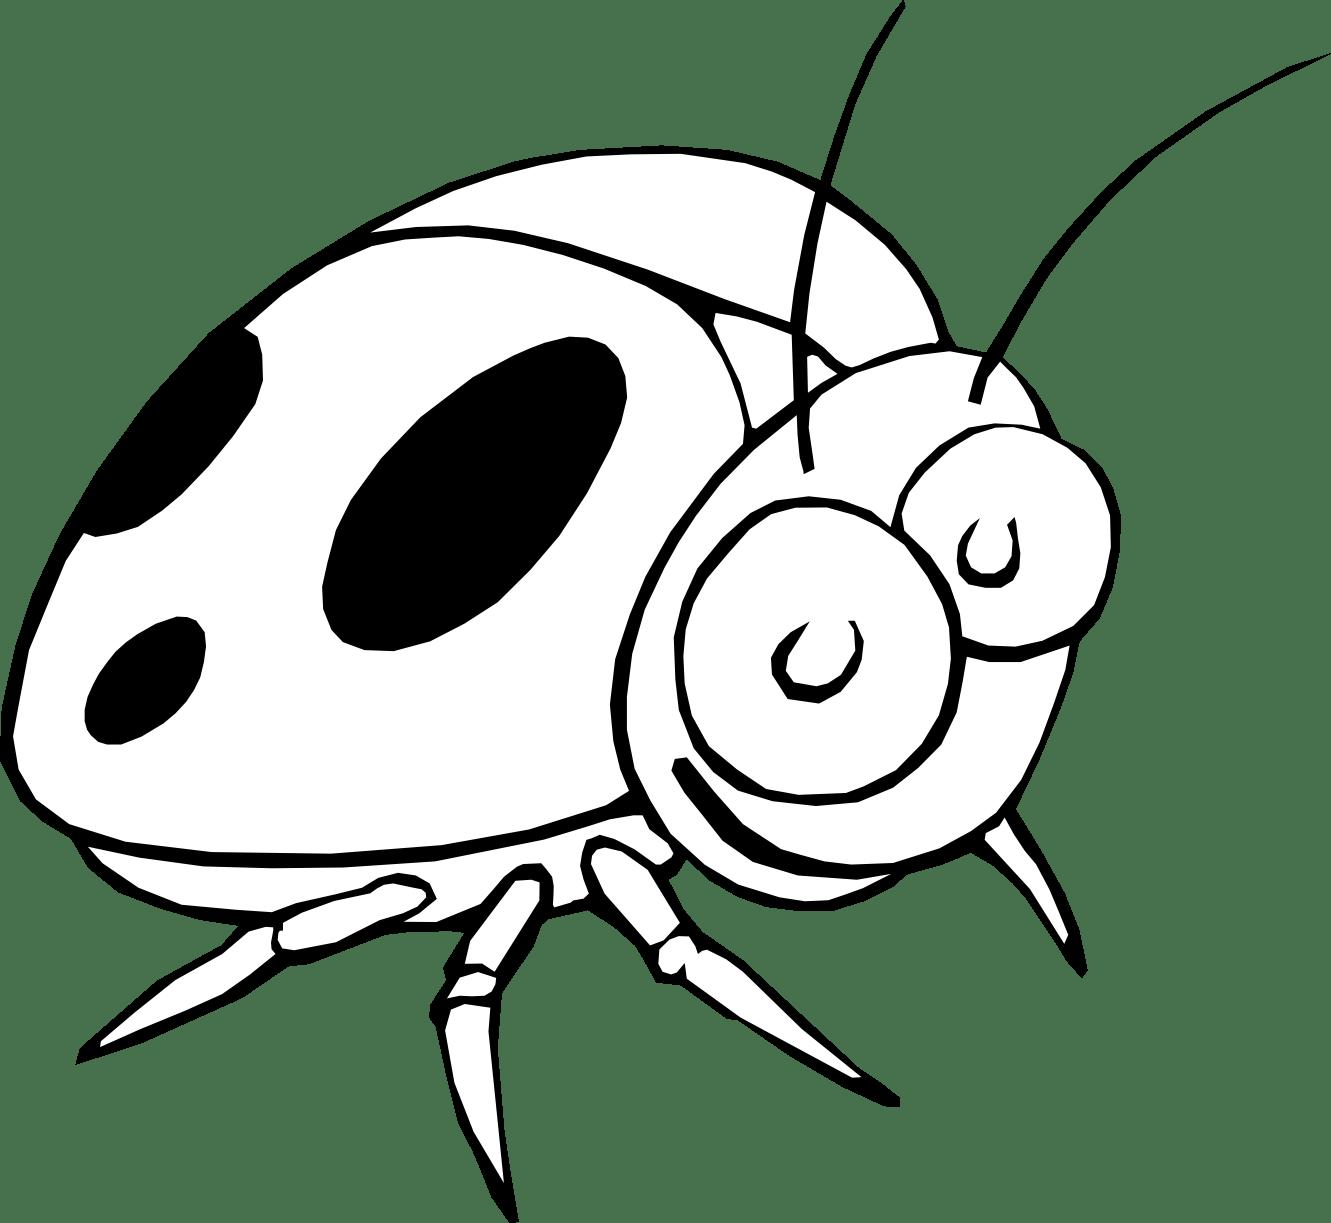 Clipart Panda